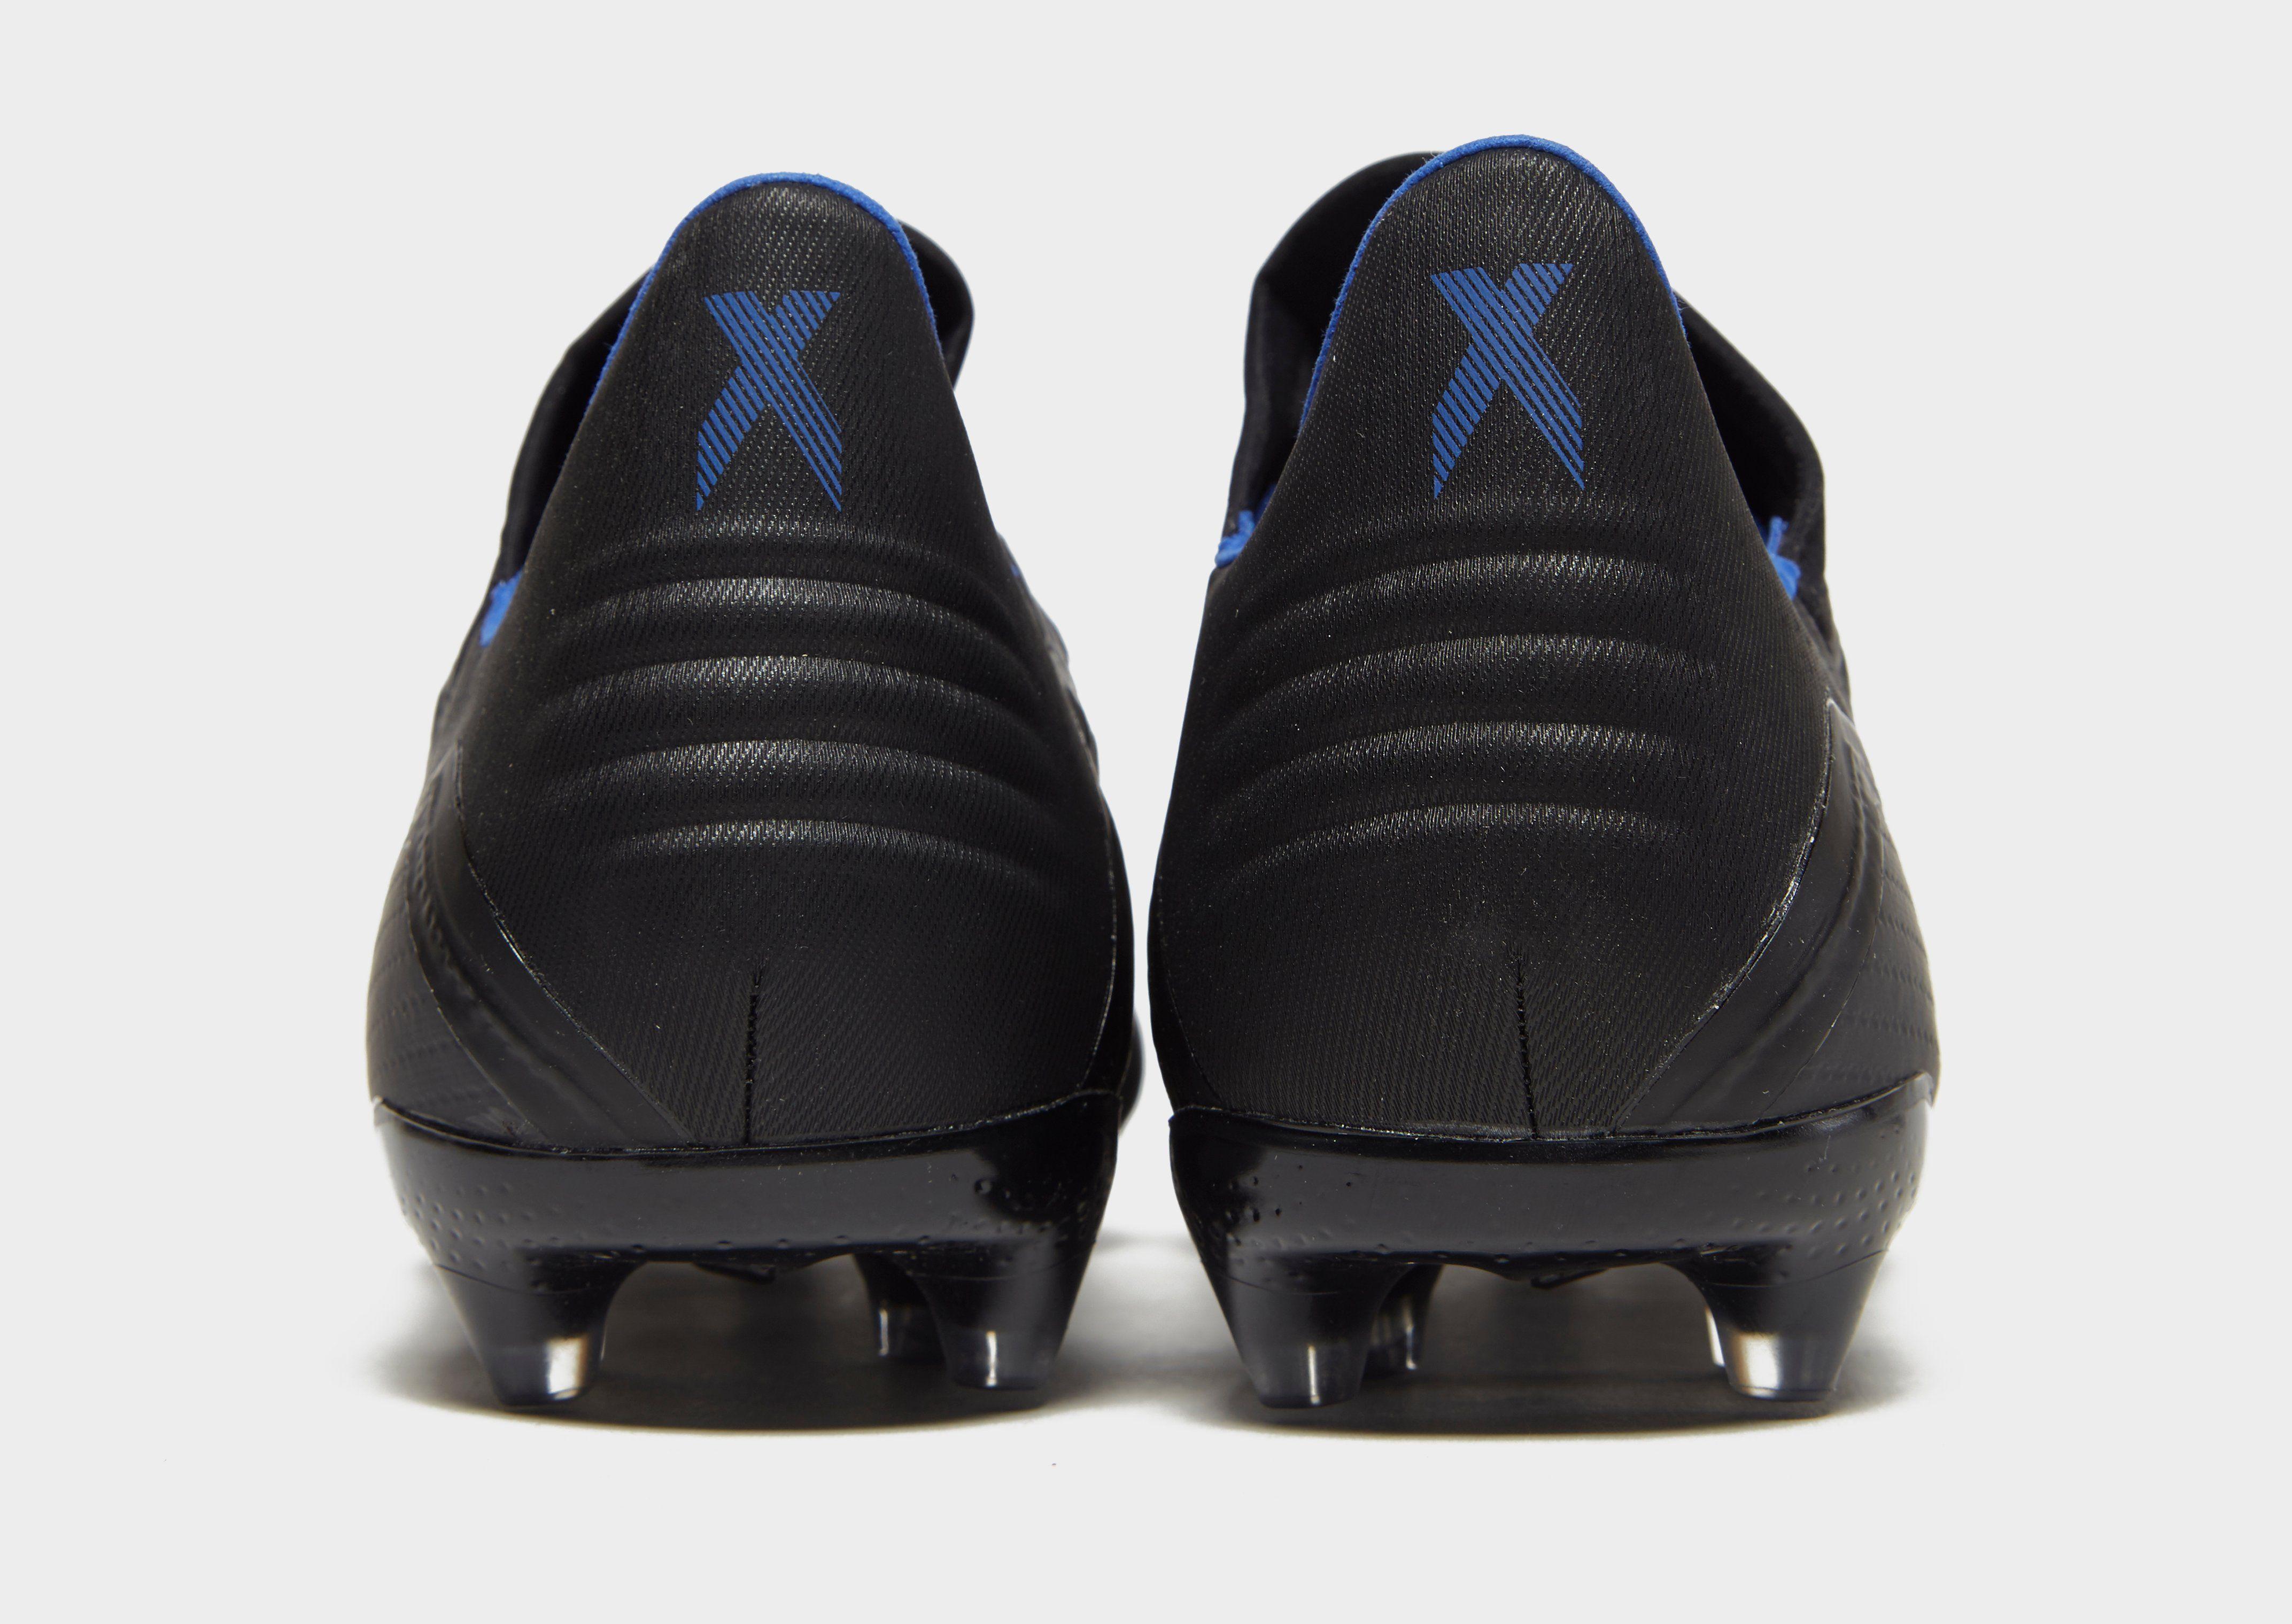 adidas Archetic X 18.2 FG